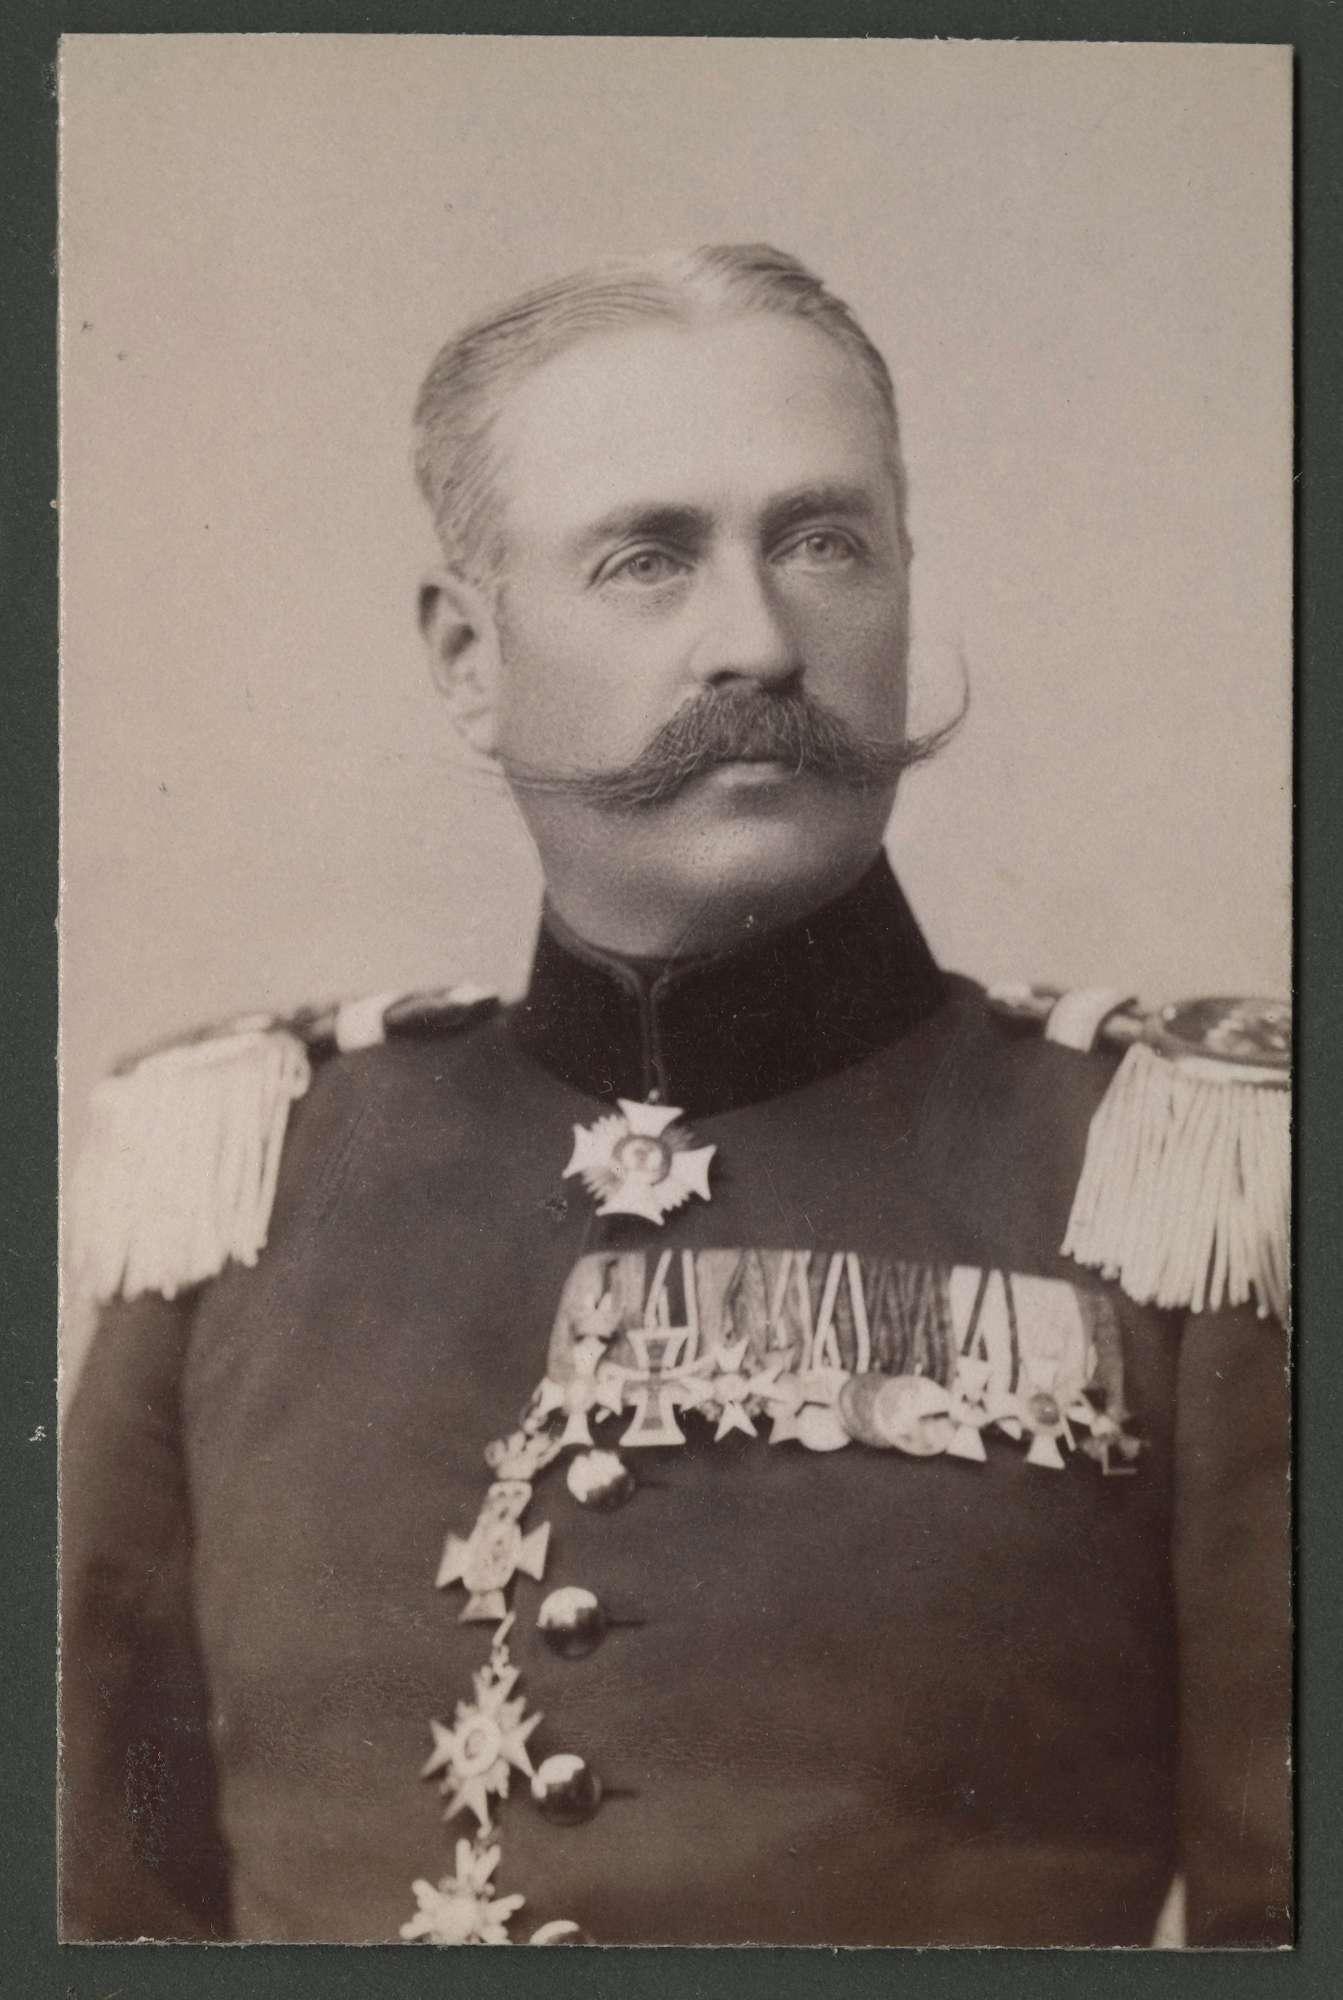 Flaiz, Franz von, Bild 2